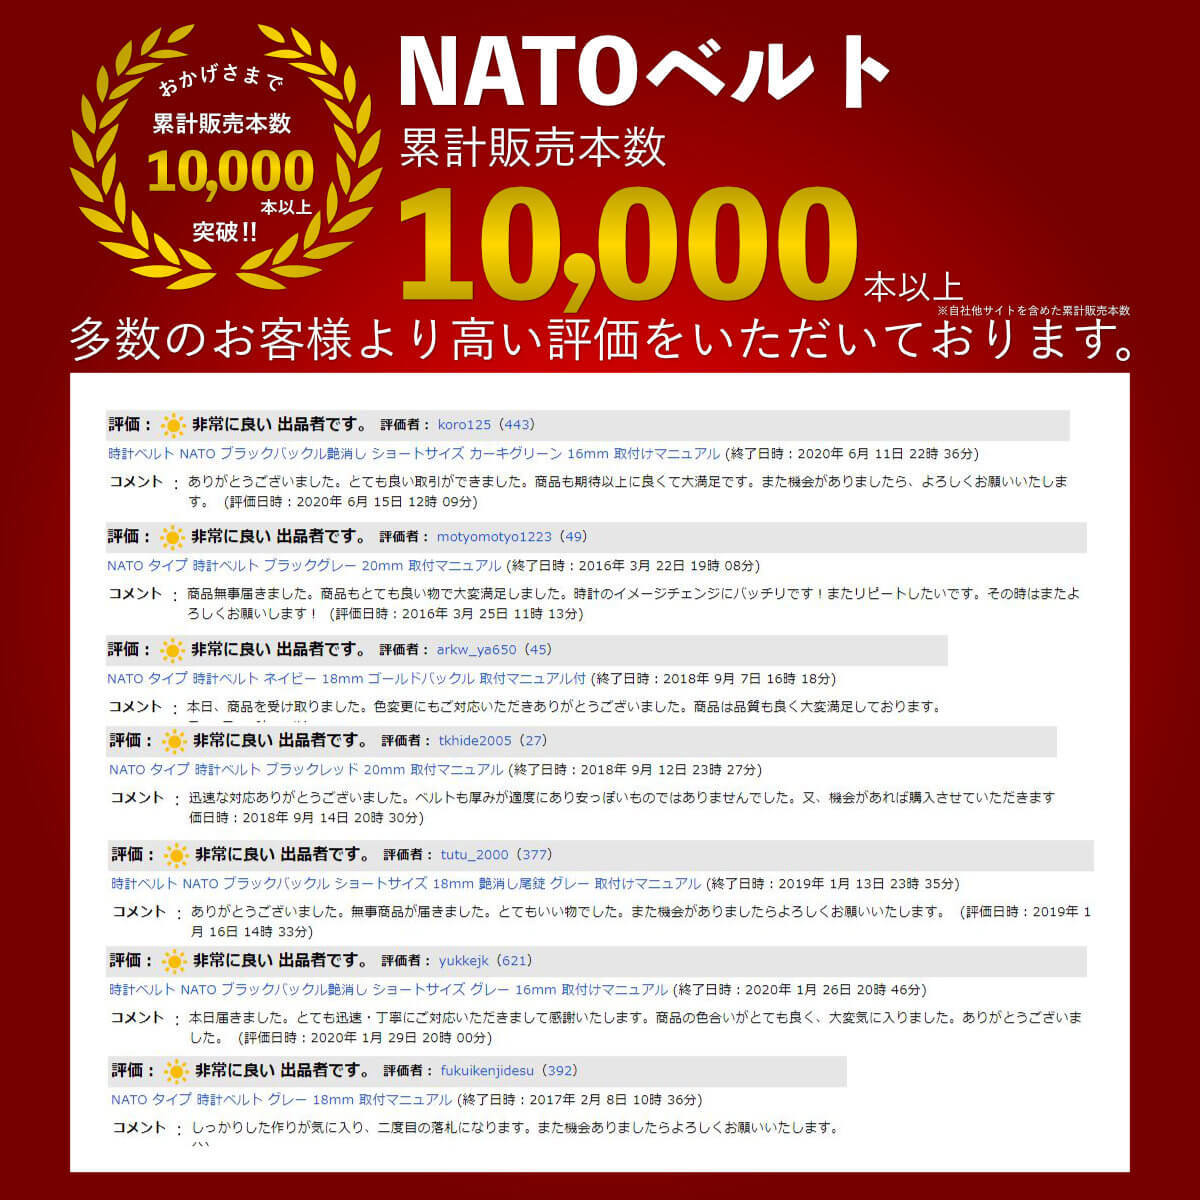 時計ベルト NATO ゴールドバックル ショートサイズ カーキグリーン 18mm 取付けマニュアル _画像10